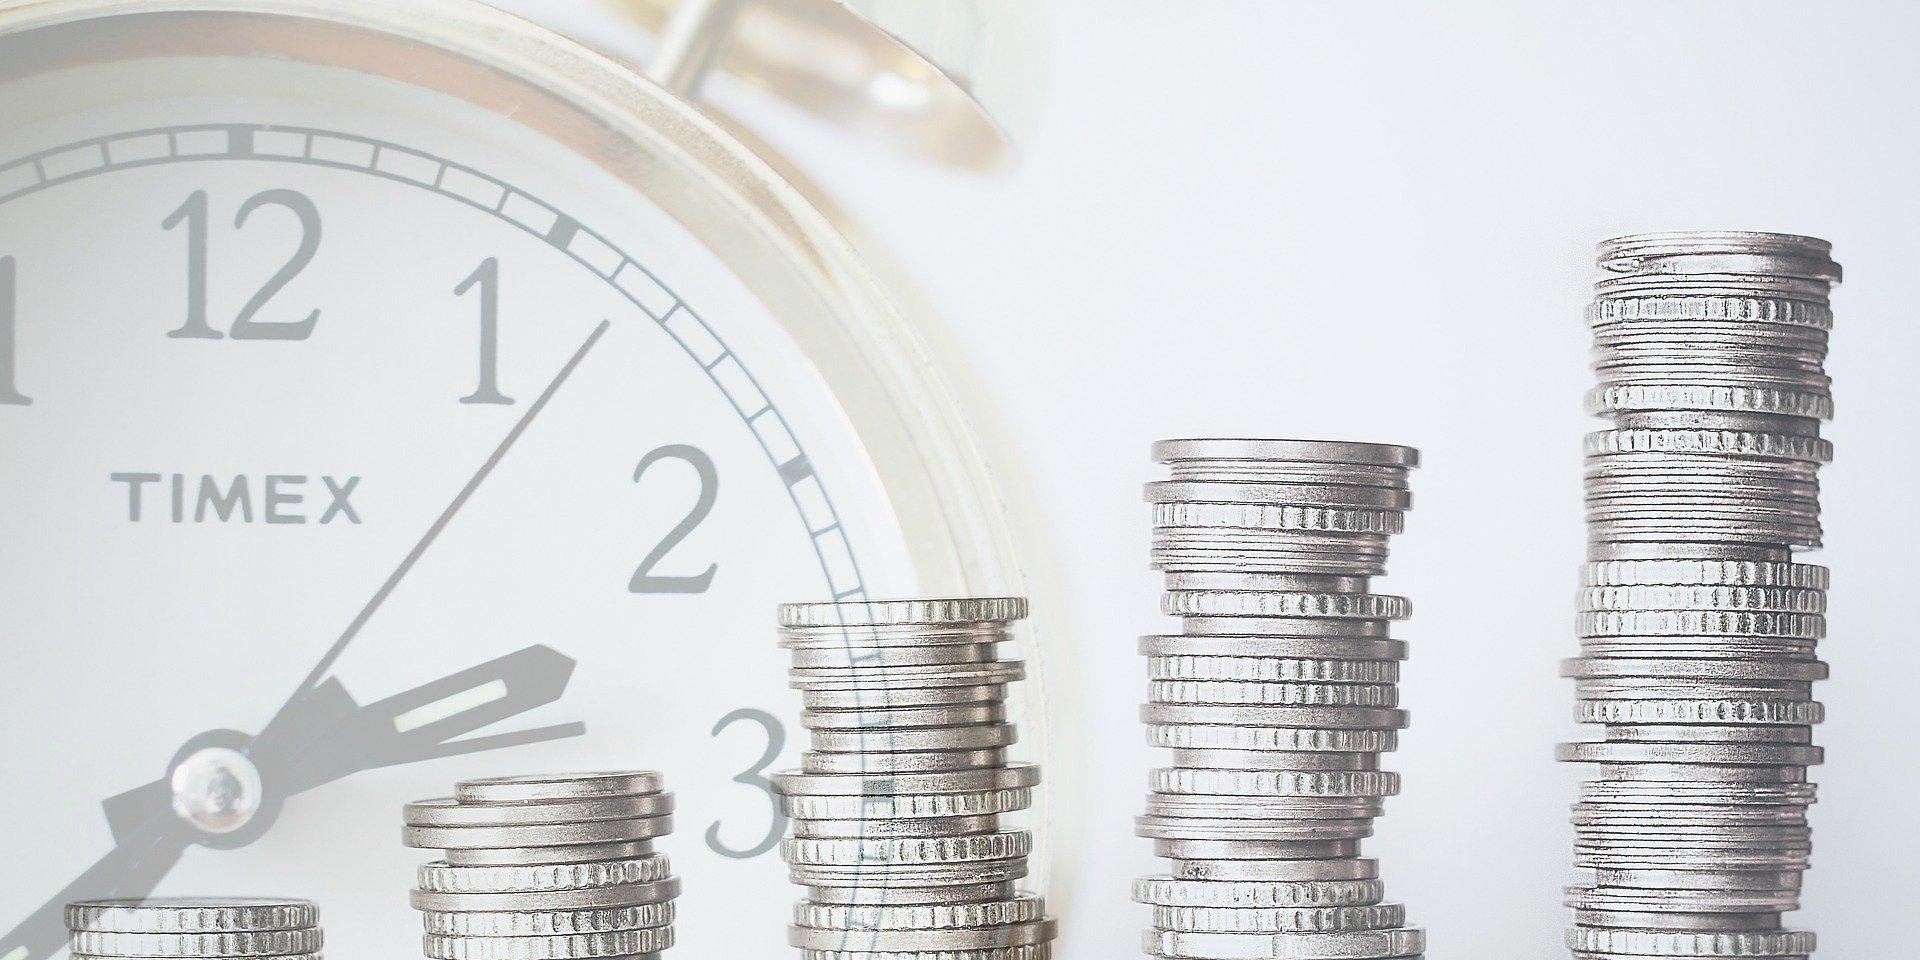 Jednorazowe pożyczki dla mikroprzedsiębiorców